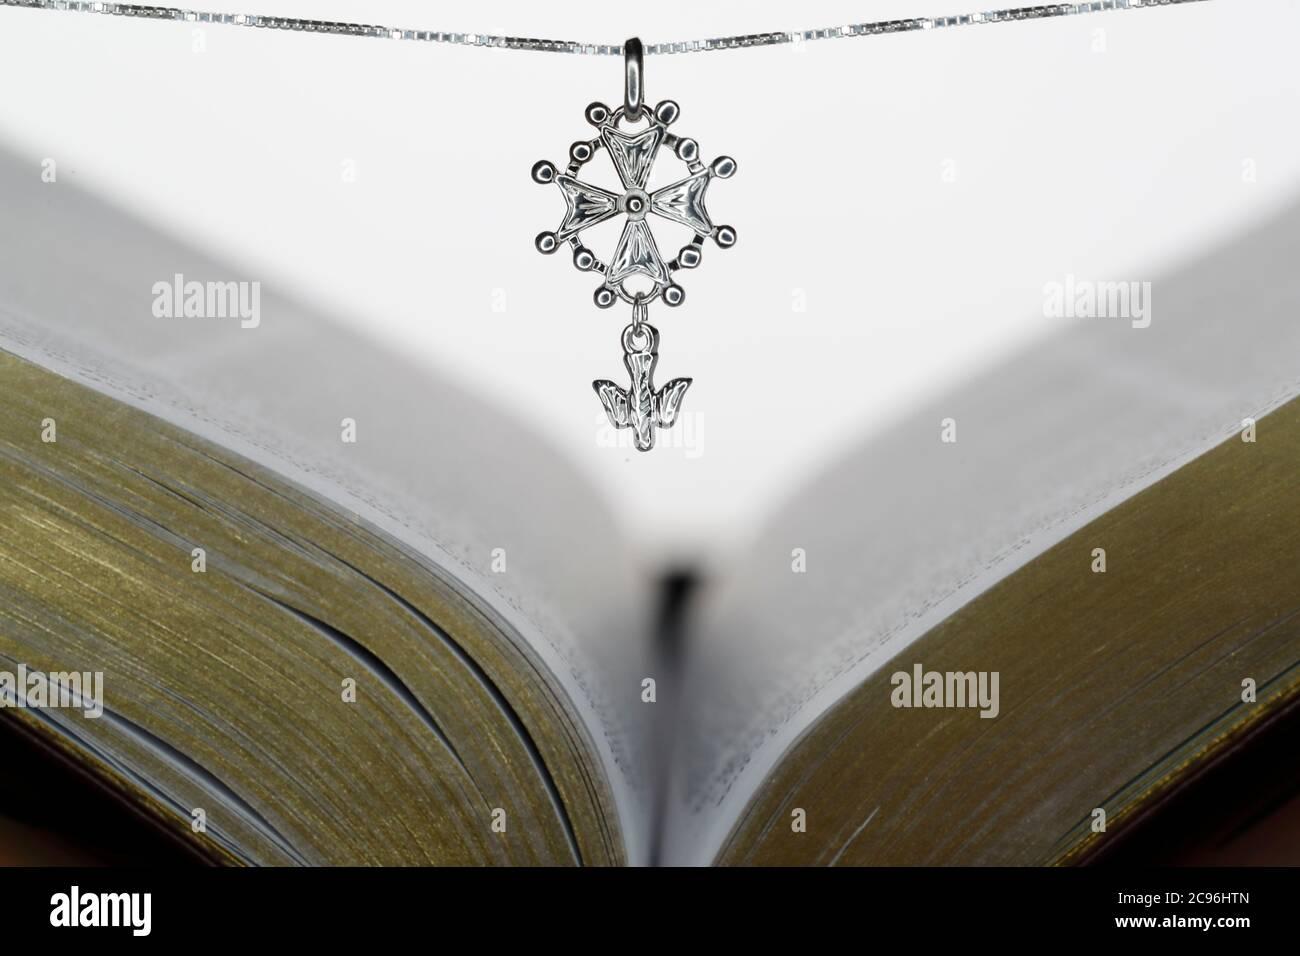 Die offene Bibel und das Hugenotenkreuz, ein beliebtes Symbol des evangelisch-reformierten Glaubens. Frankreich. Stockfoto